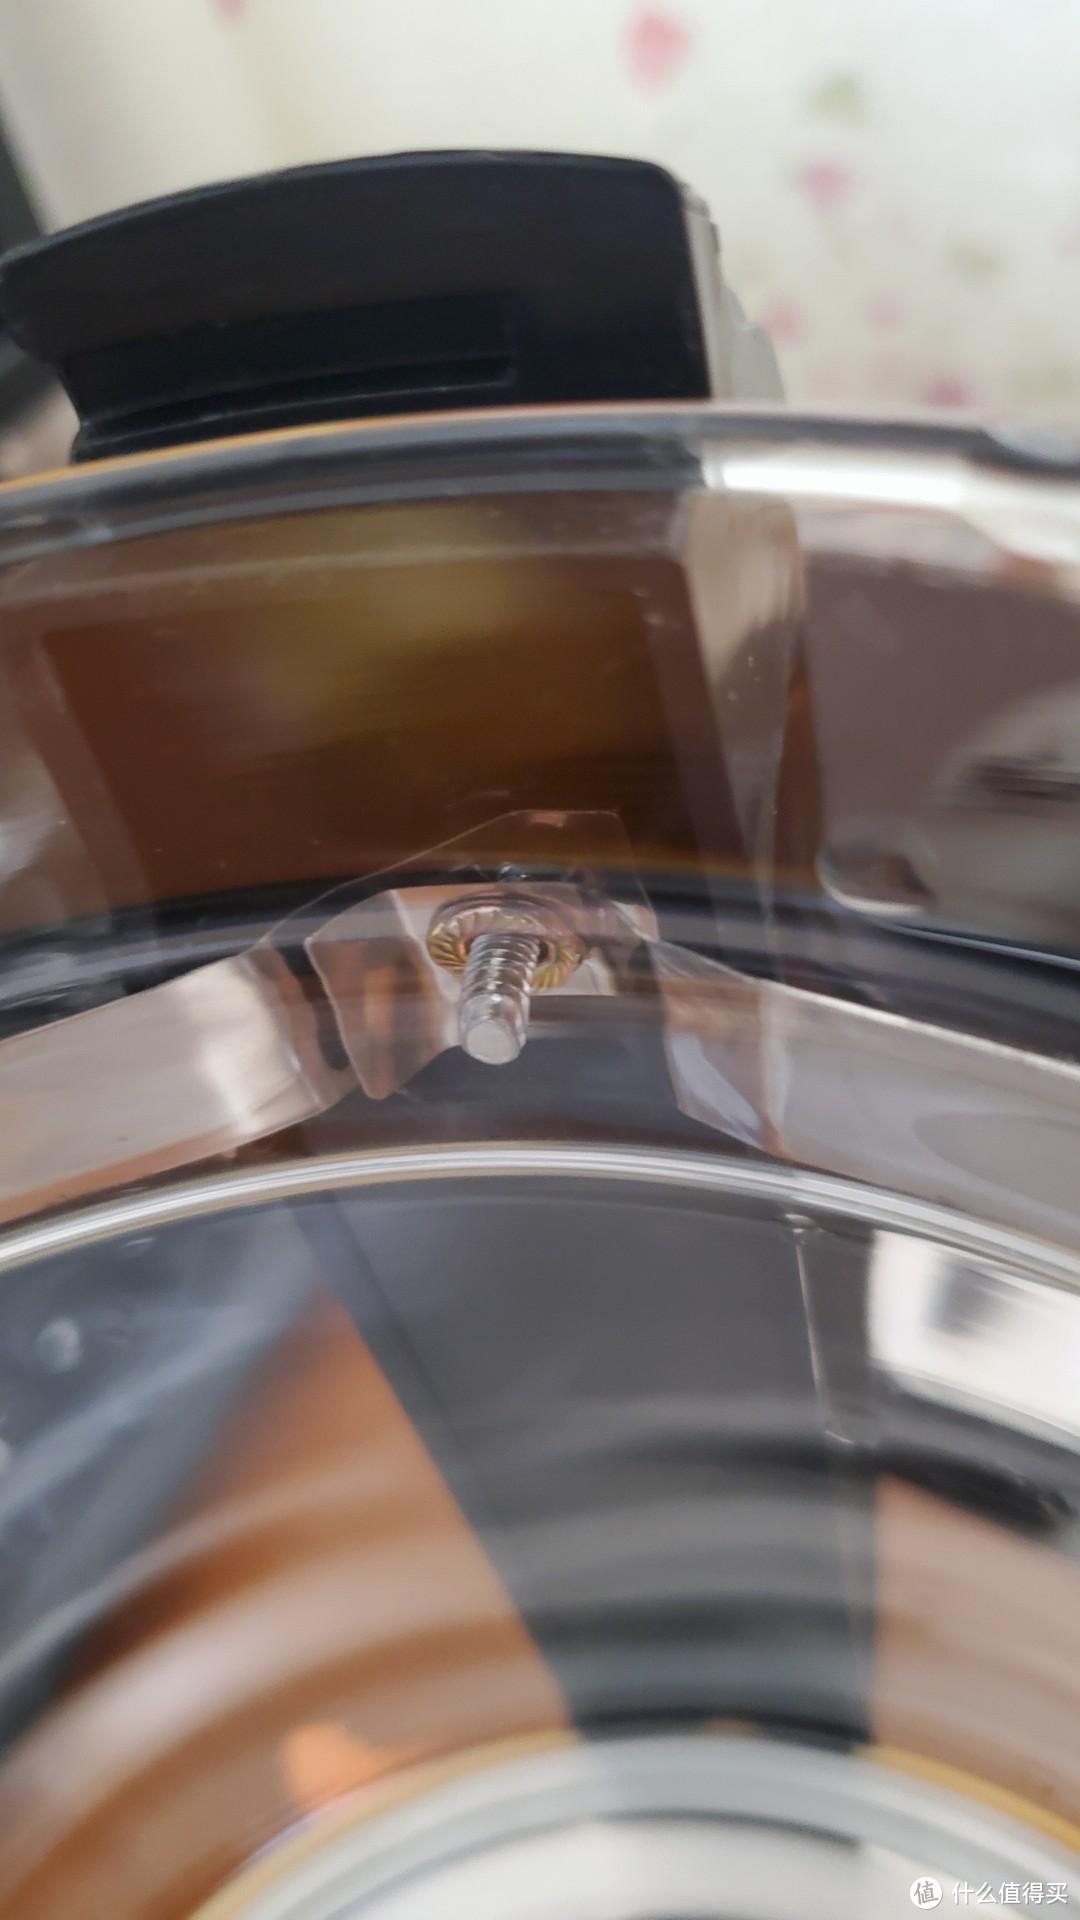 装回钢圈的时候不要拧过头了,容易顶到壶身。